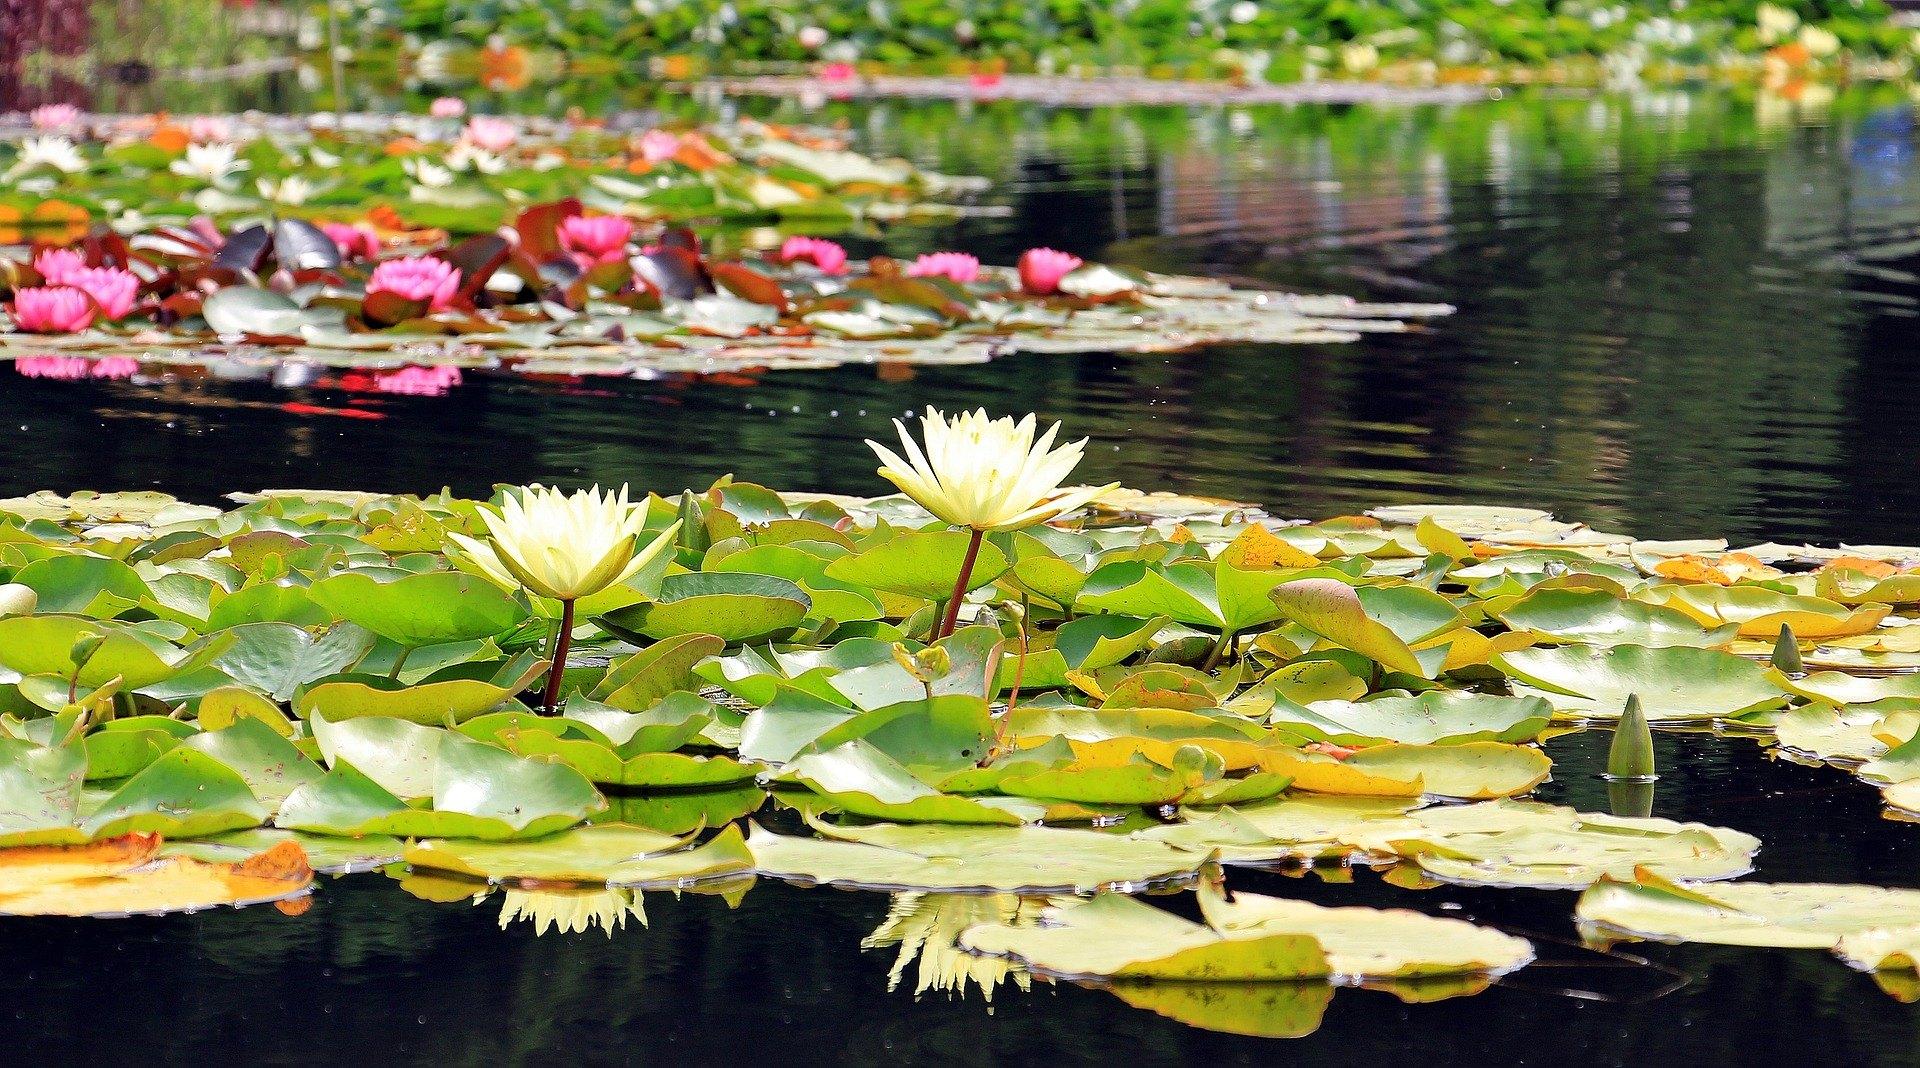 Pflanzen für einen Teich erhöhen seine Attraktivität. Viele von ihnen verbessern den Wasserzustand im Gartenteich.